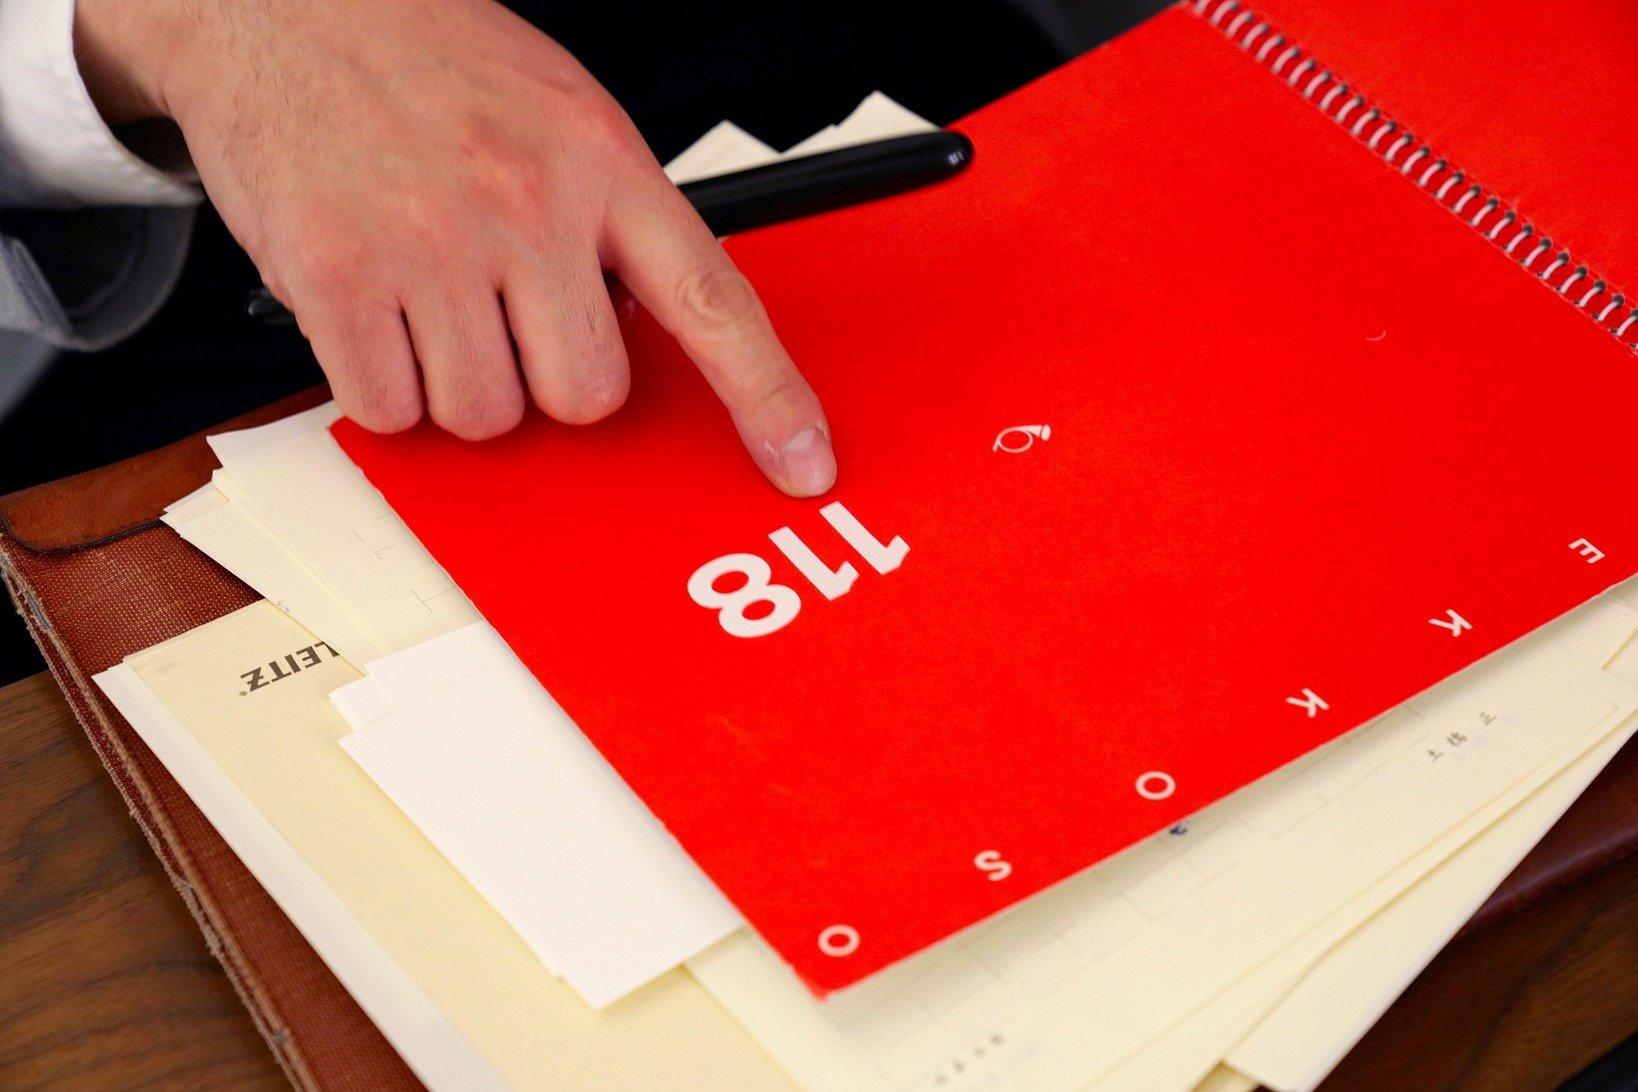 通算118冊目を意味するシールも土橋さんが自作して貼ったもの。